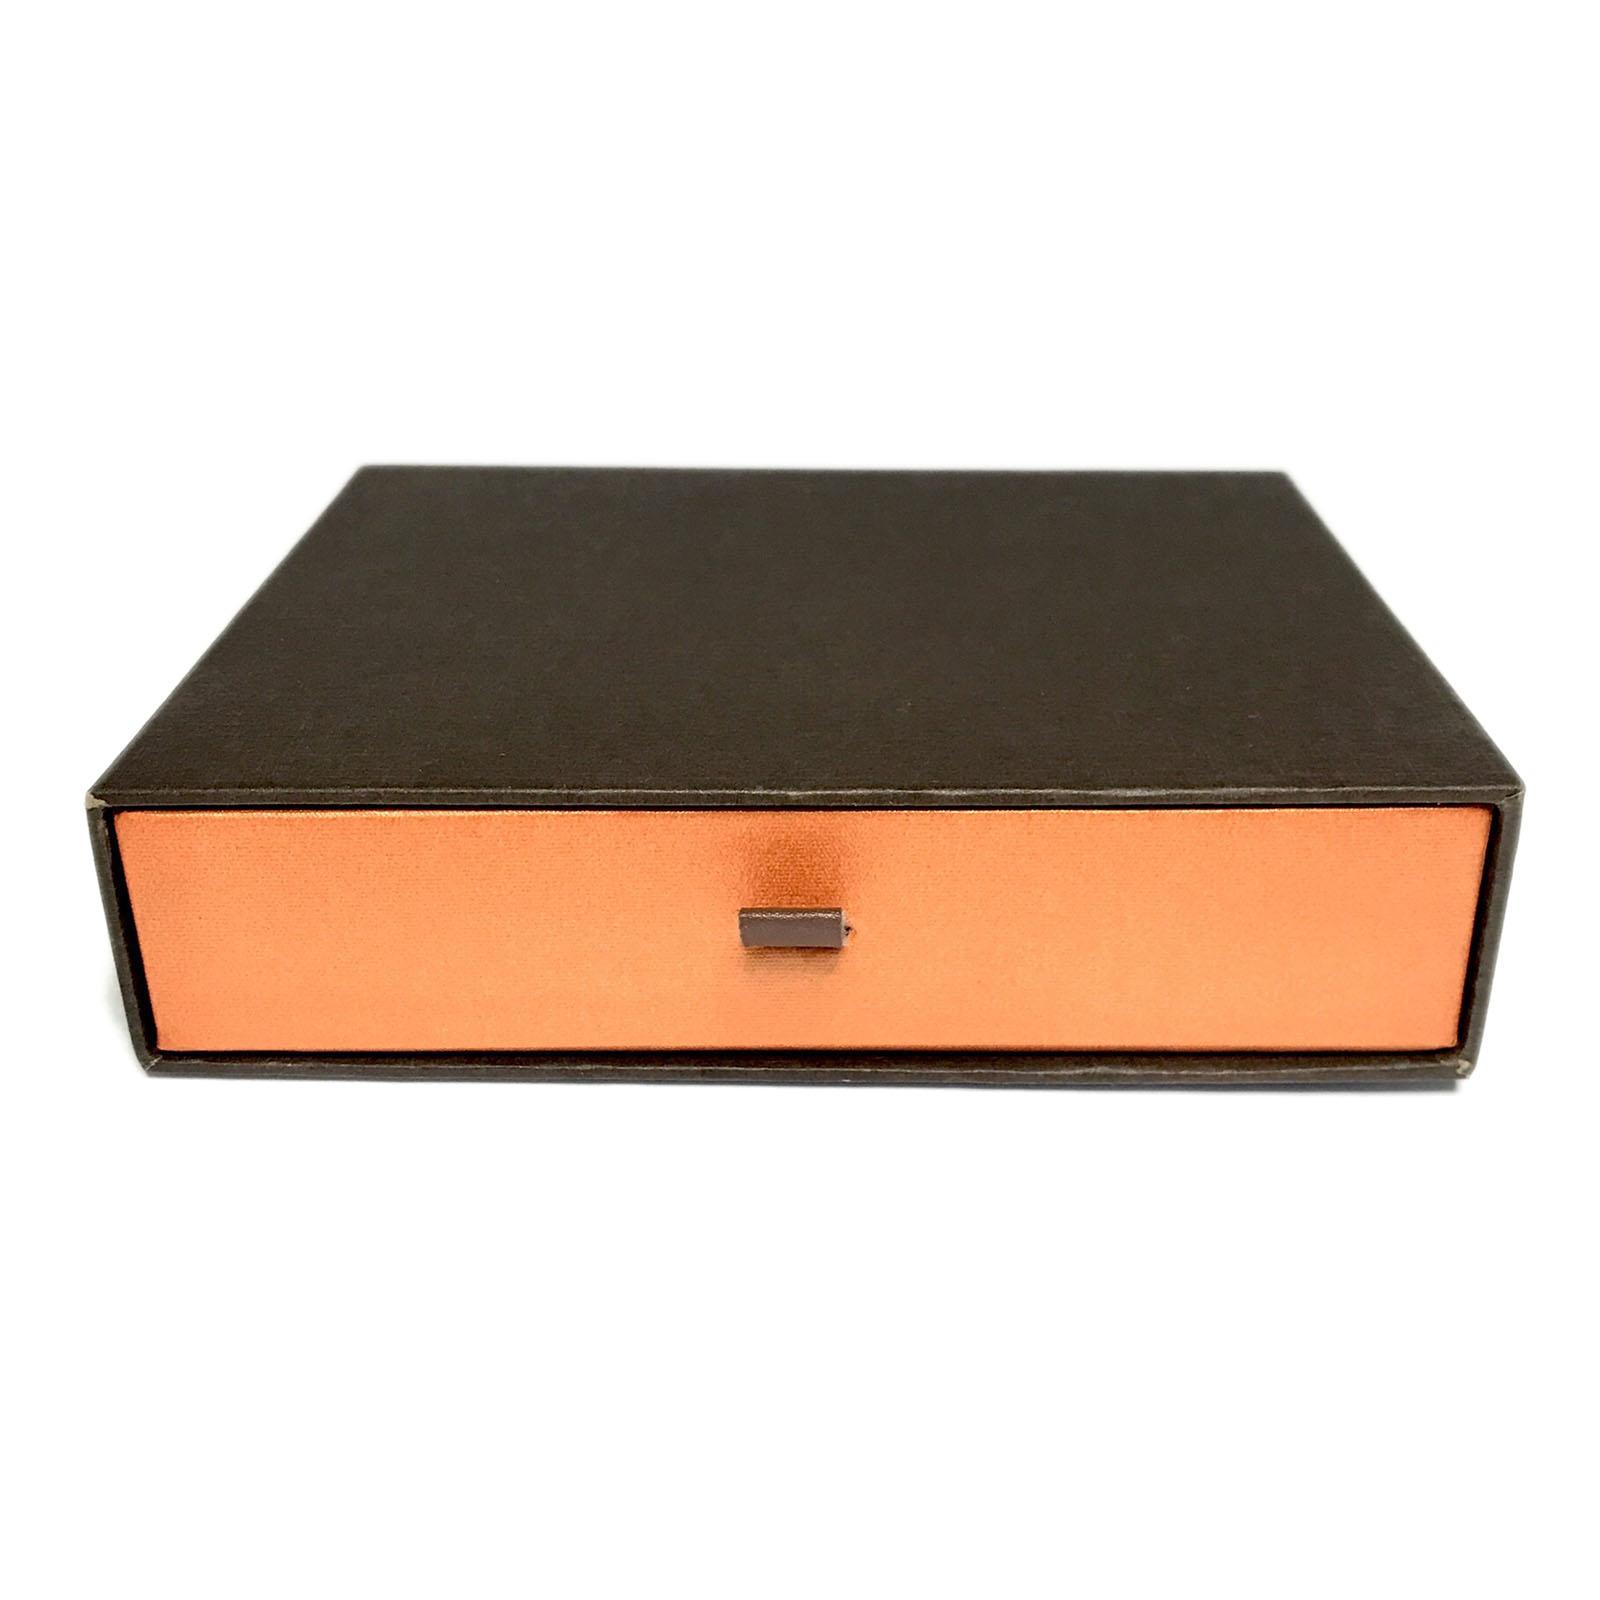 kartonine dezute orandzine stalciukas su juodu kokybiskos dovanu dezutes